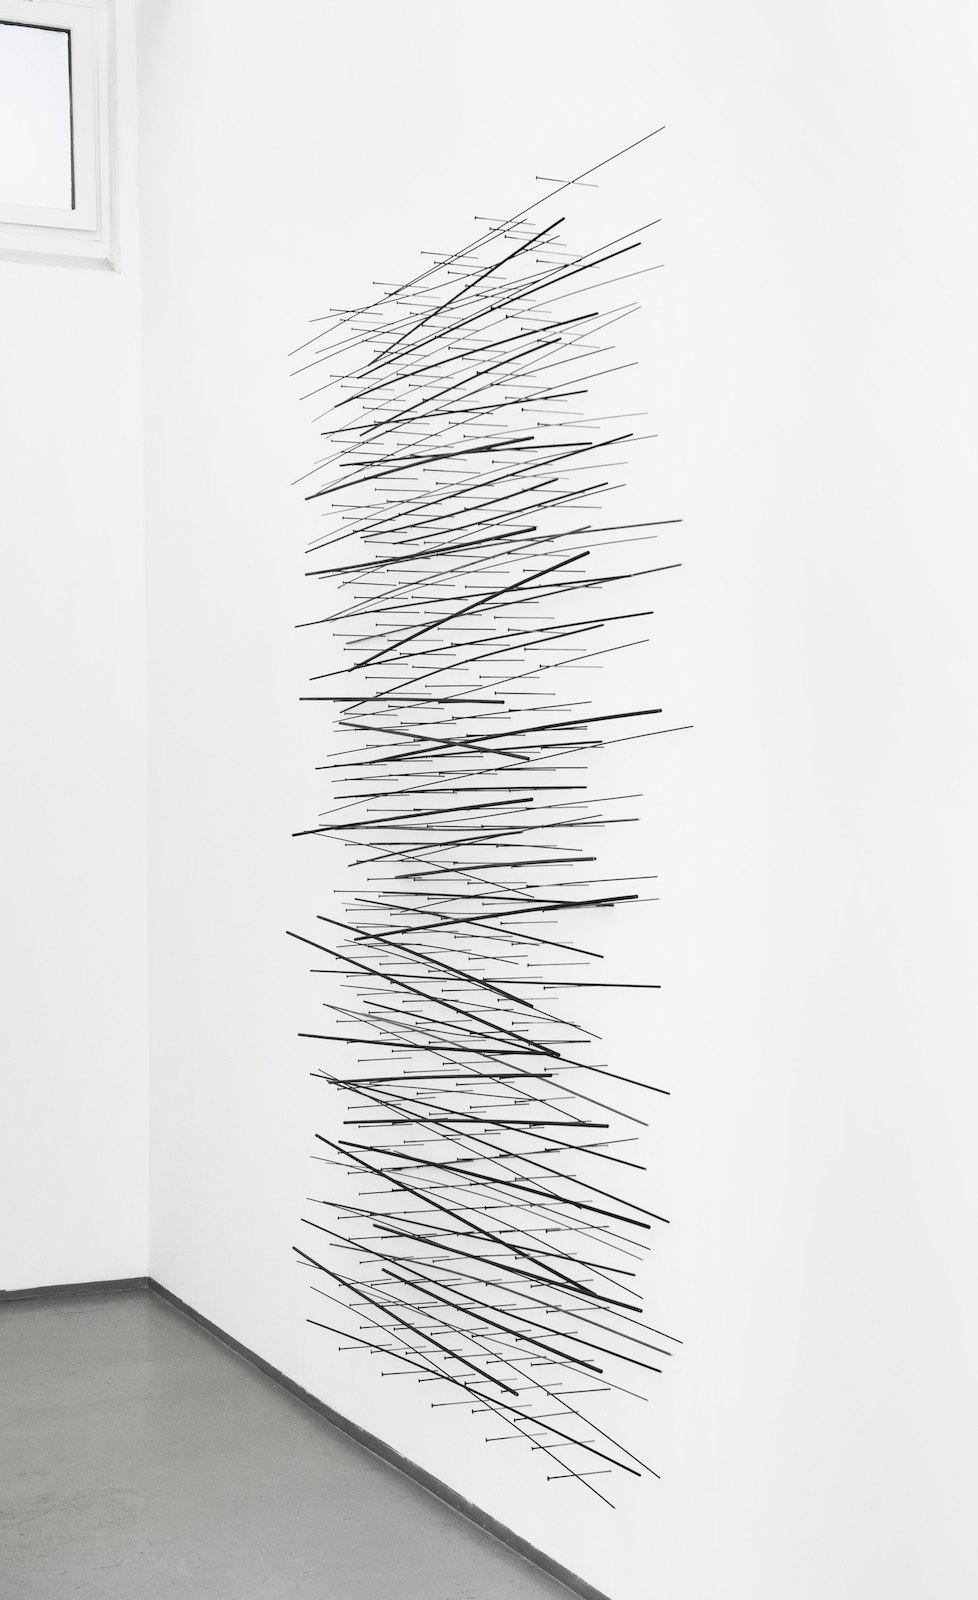 Sculpture, 2009-2010, steel, 272 x 200 x 18 cm